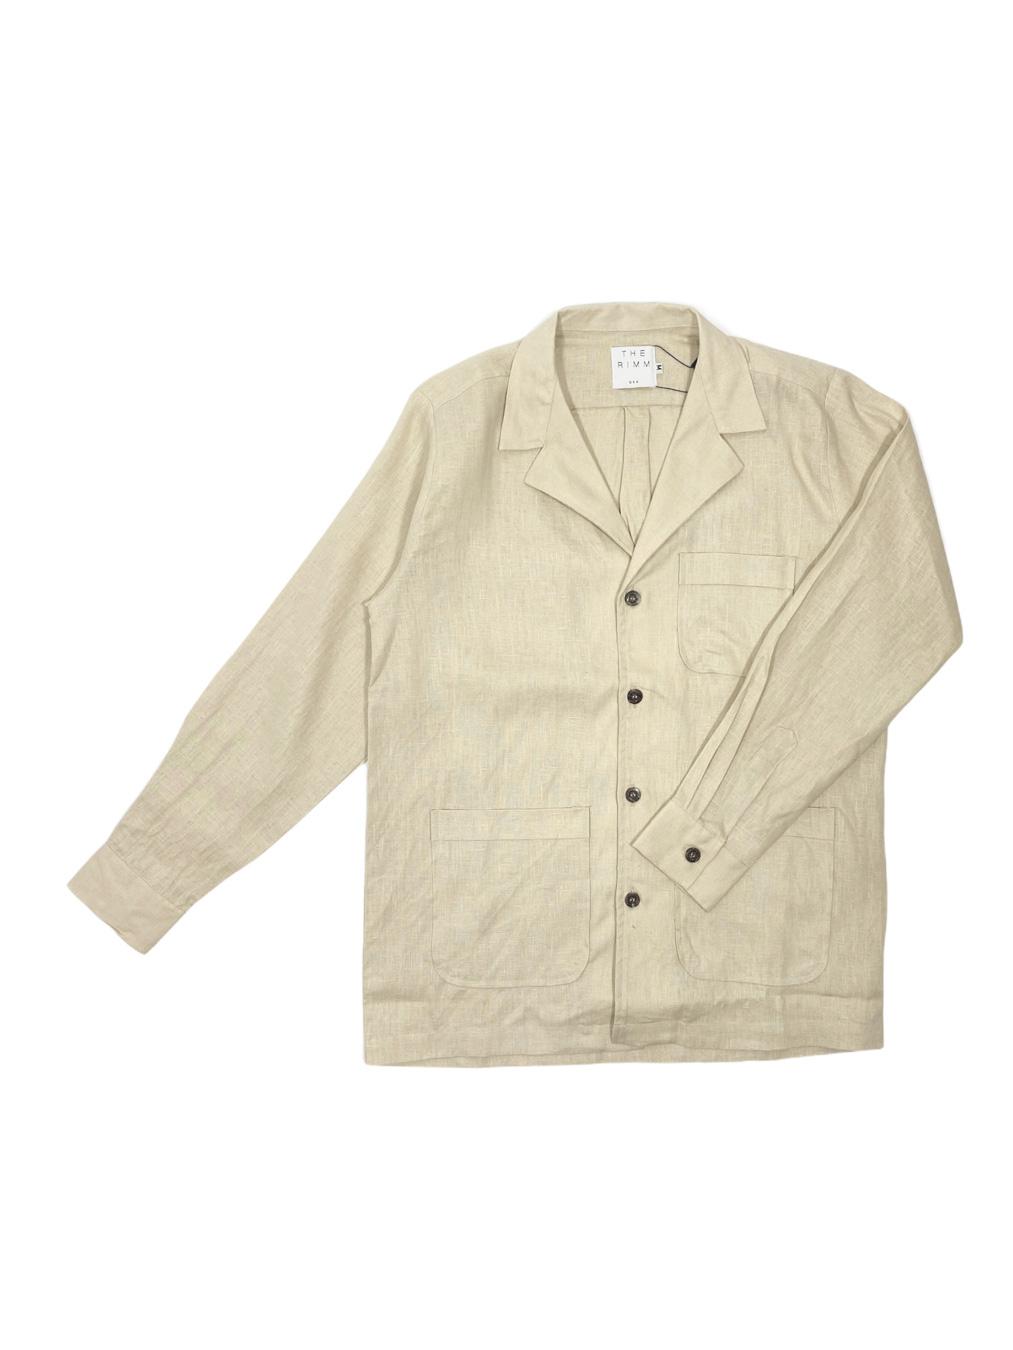 Linen wanderlust jackets (Cream)